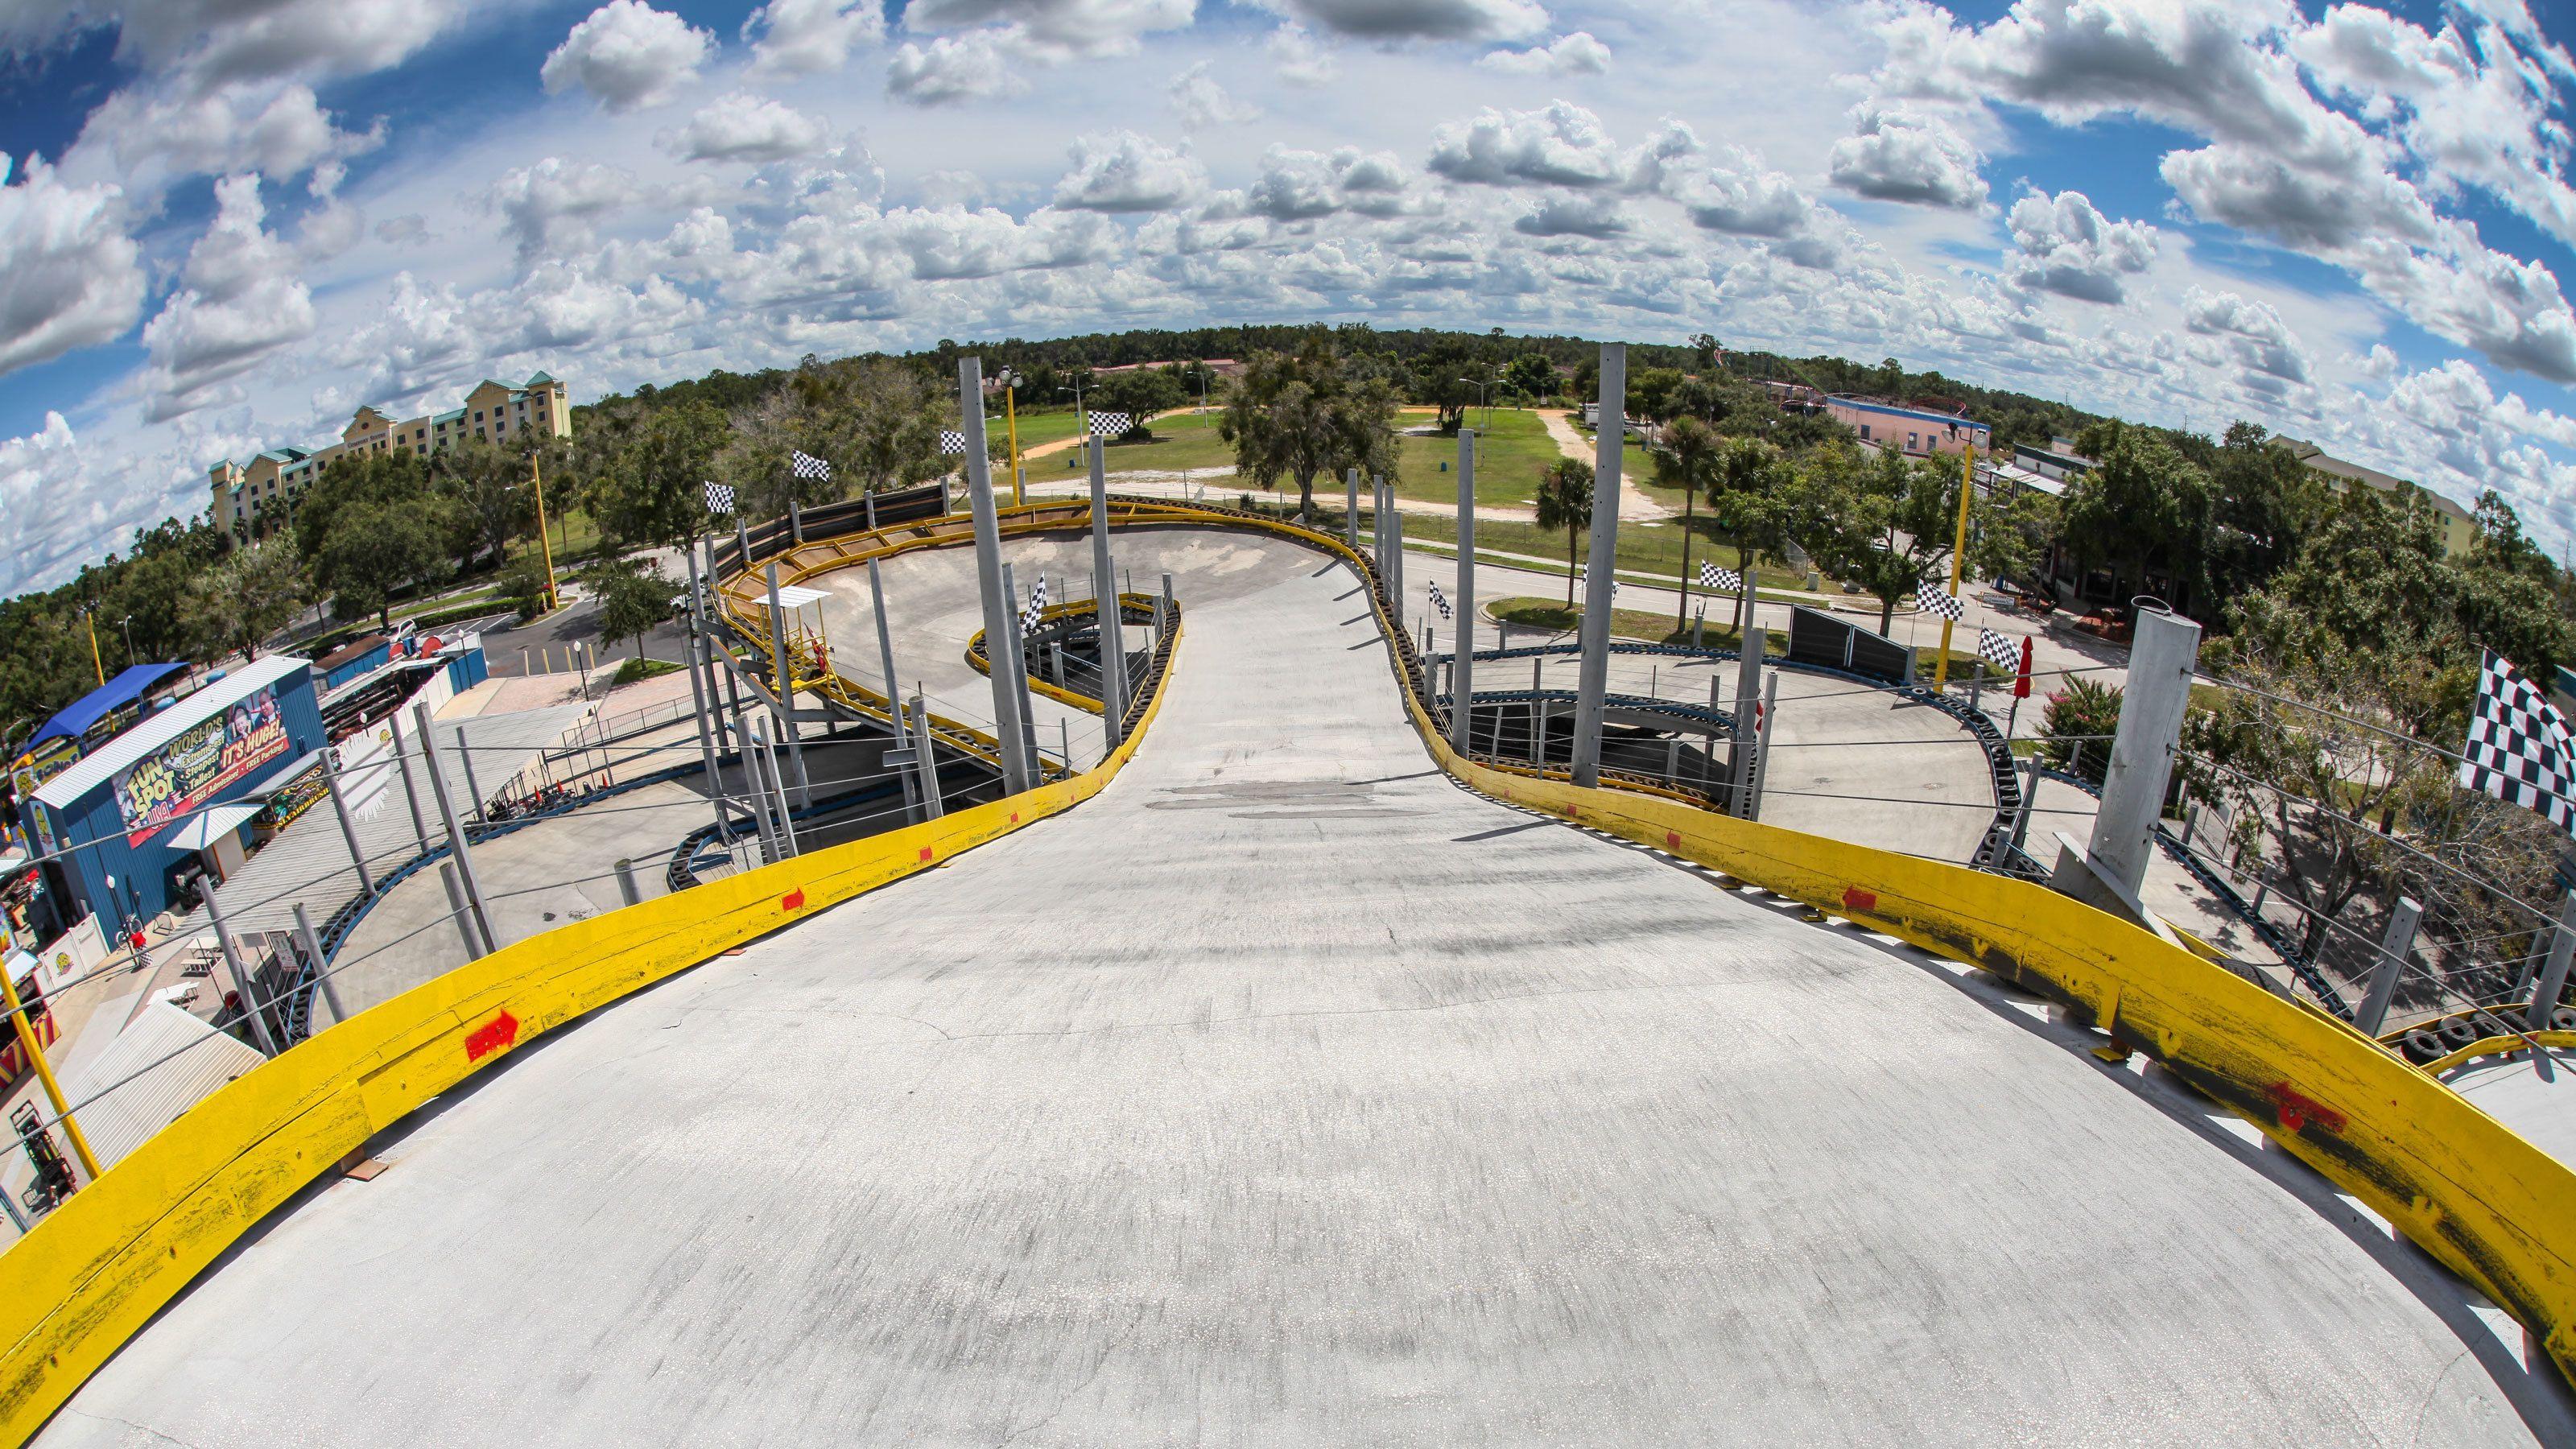 Multi-Level Go Kart track at Fun Spot America in Orlando.